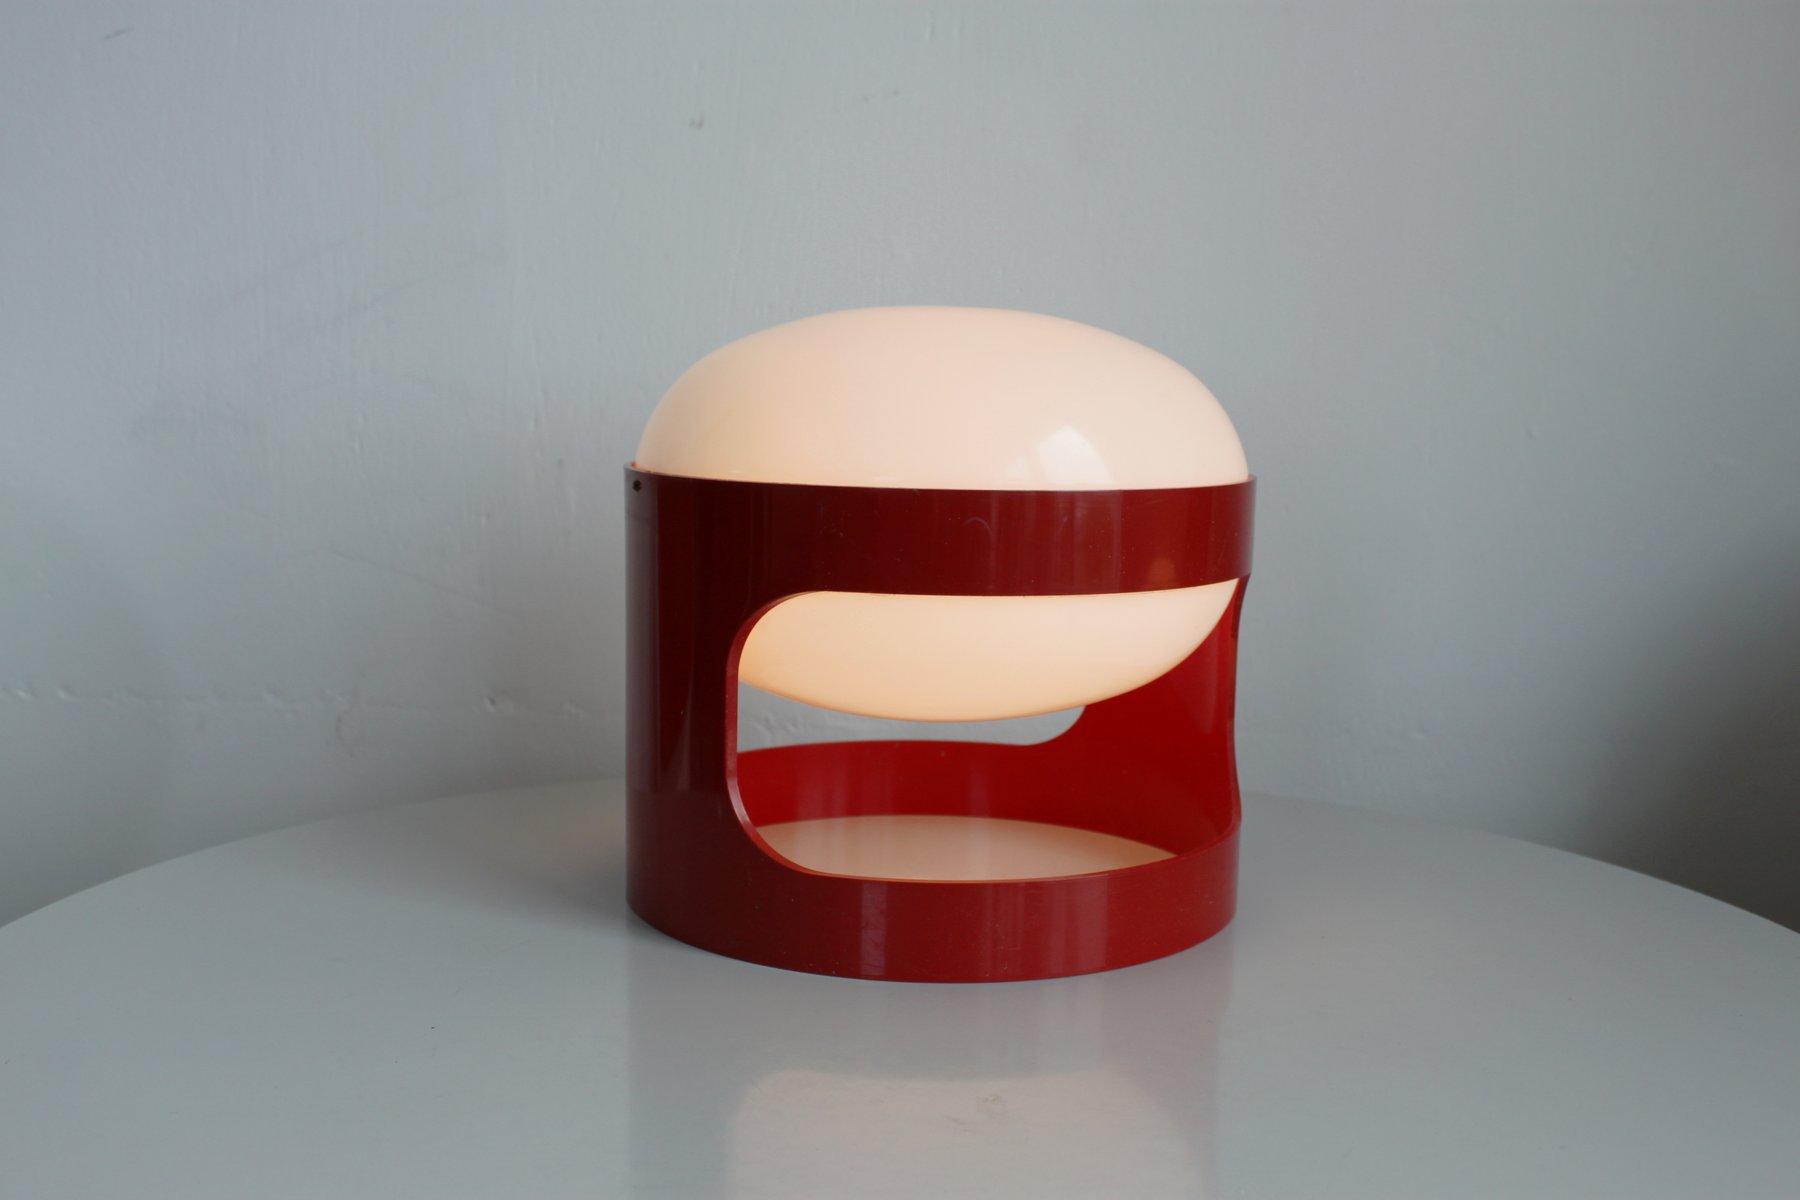 Lampe de bureau kd27 rouge par joe colombo pour kartell 1967 en vente sur pamono for Bureau kartell